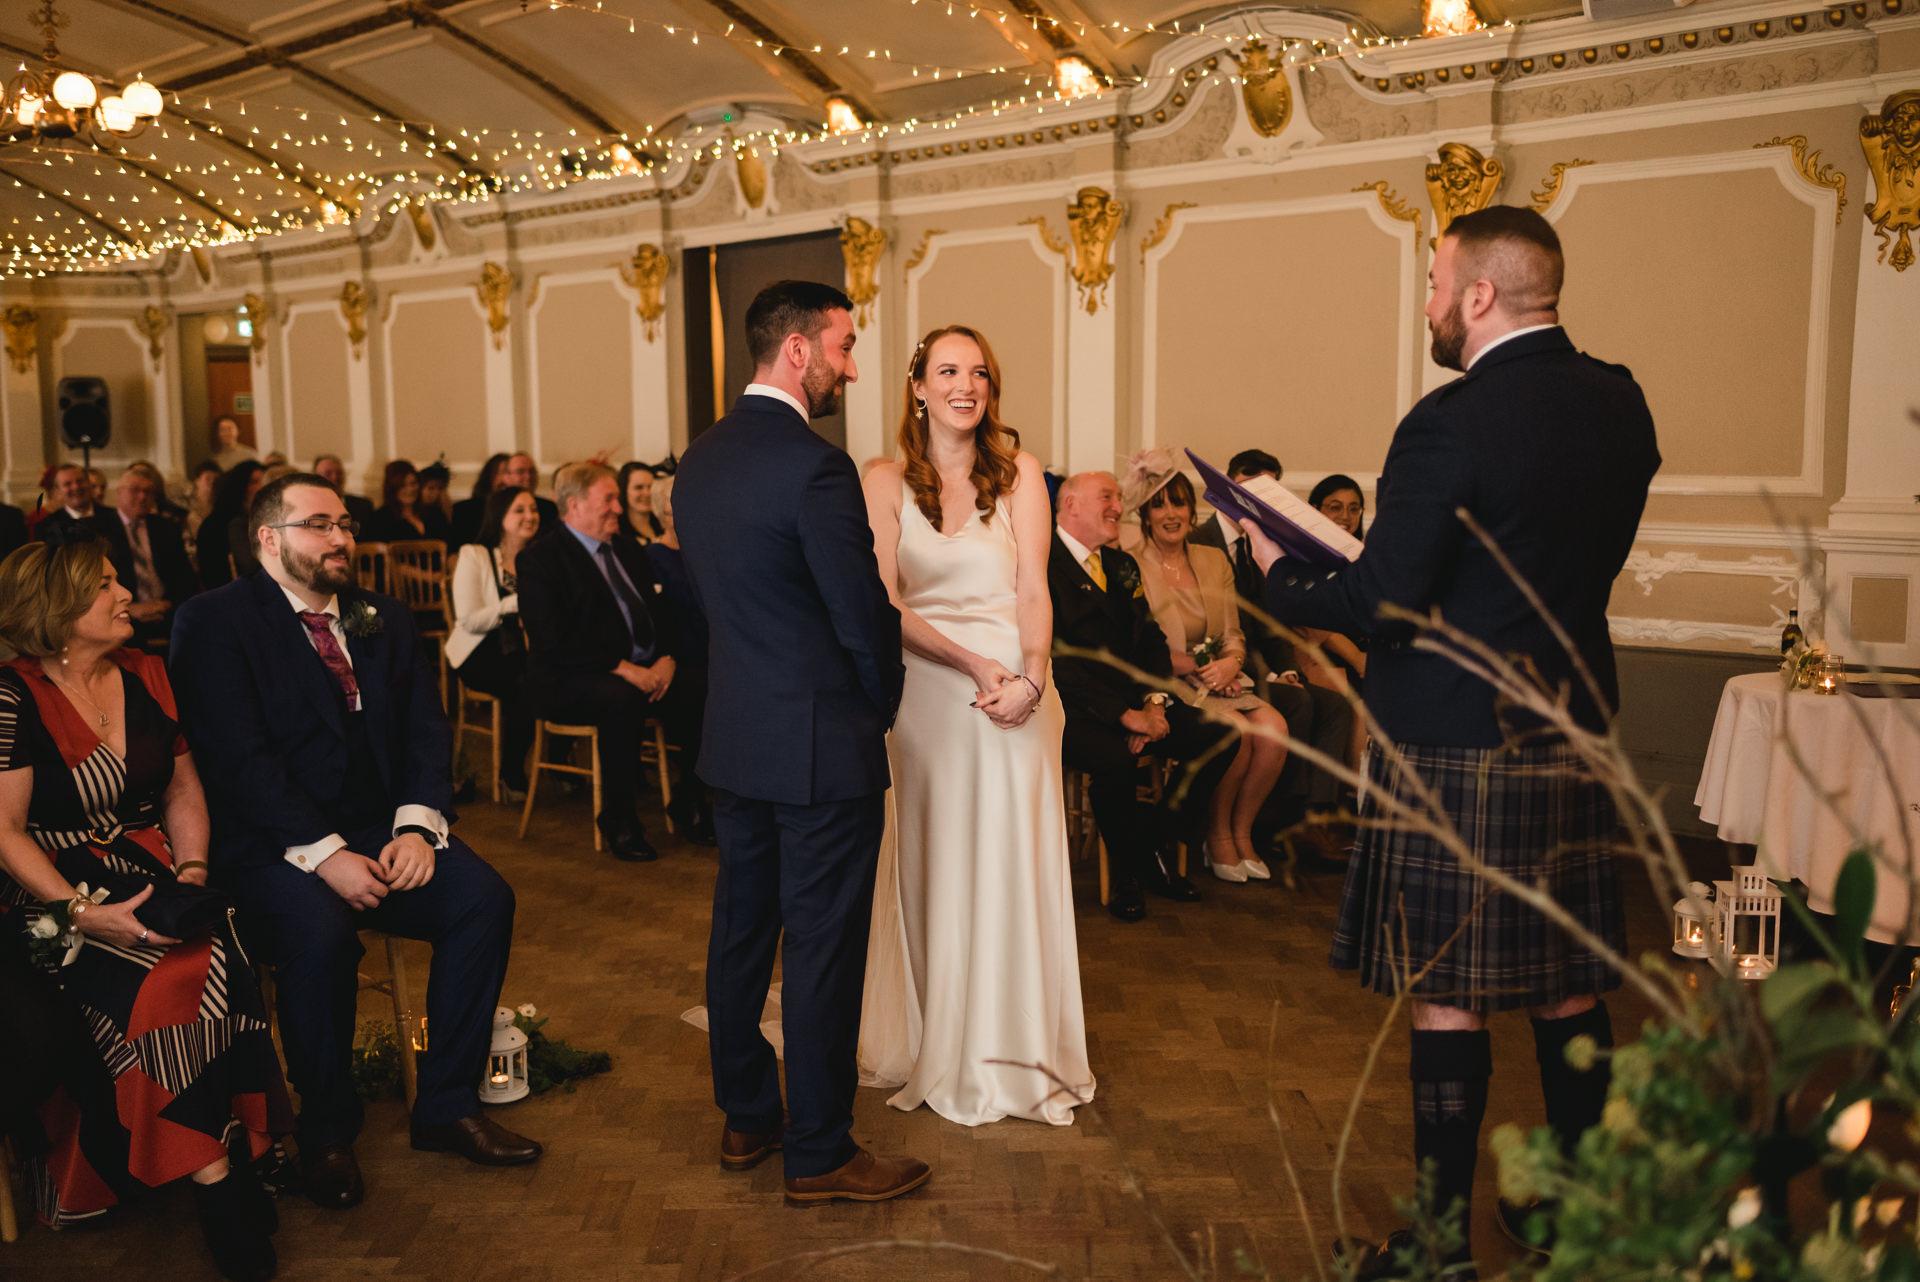 Sloans wedding ceremony